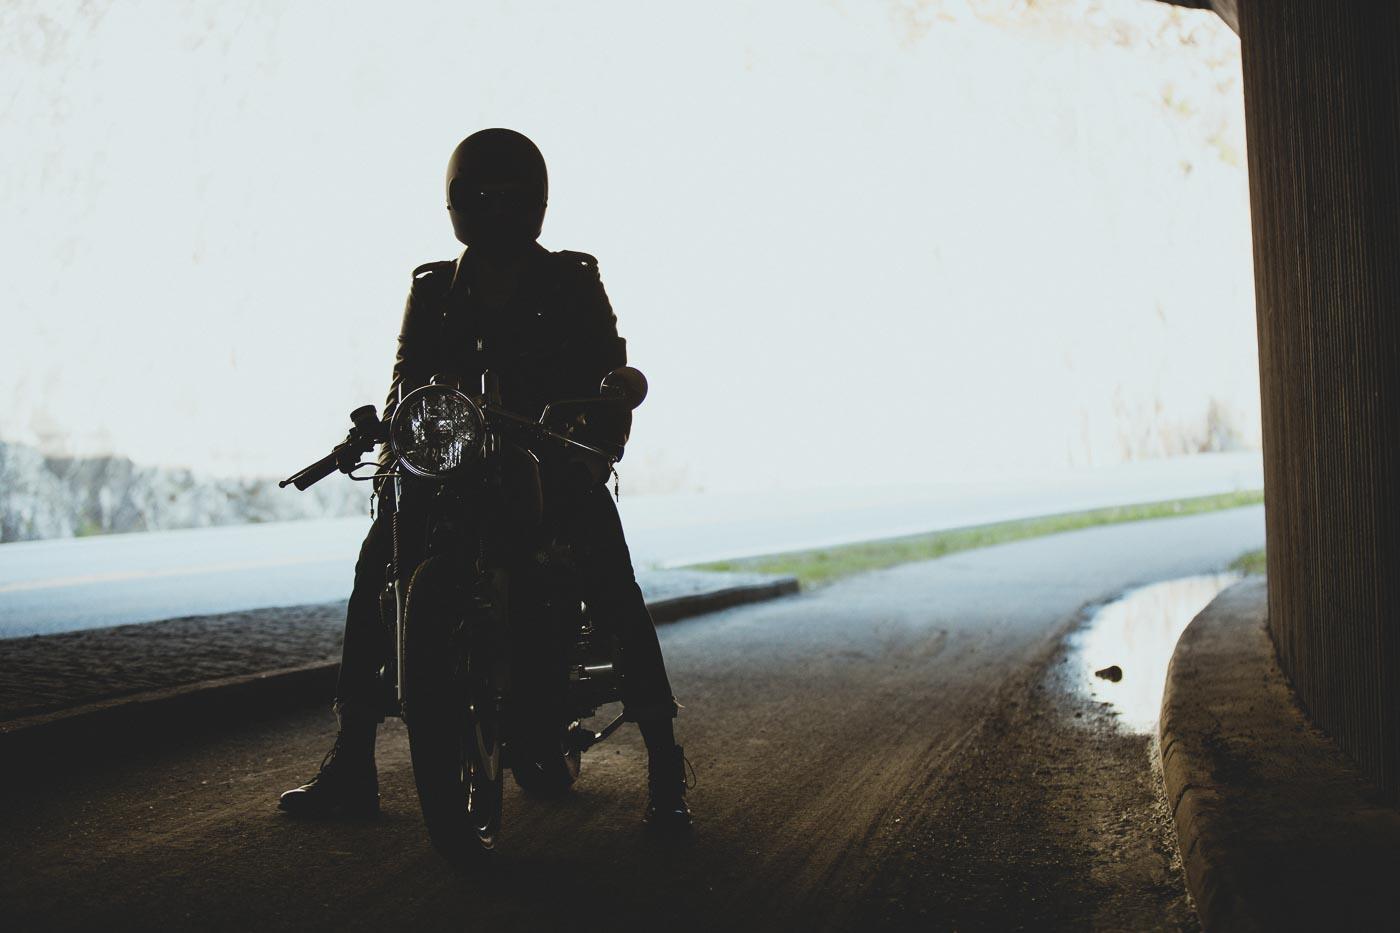 WilkieVintage_Motorcycle_Projects @ Alan Thomas Duncan Wilkie-7.jpg